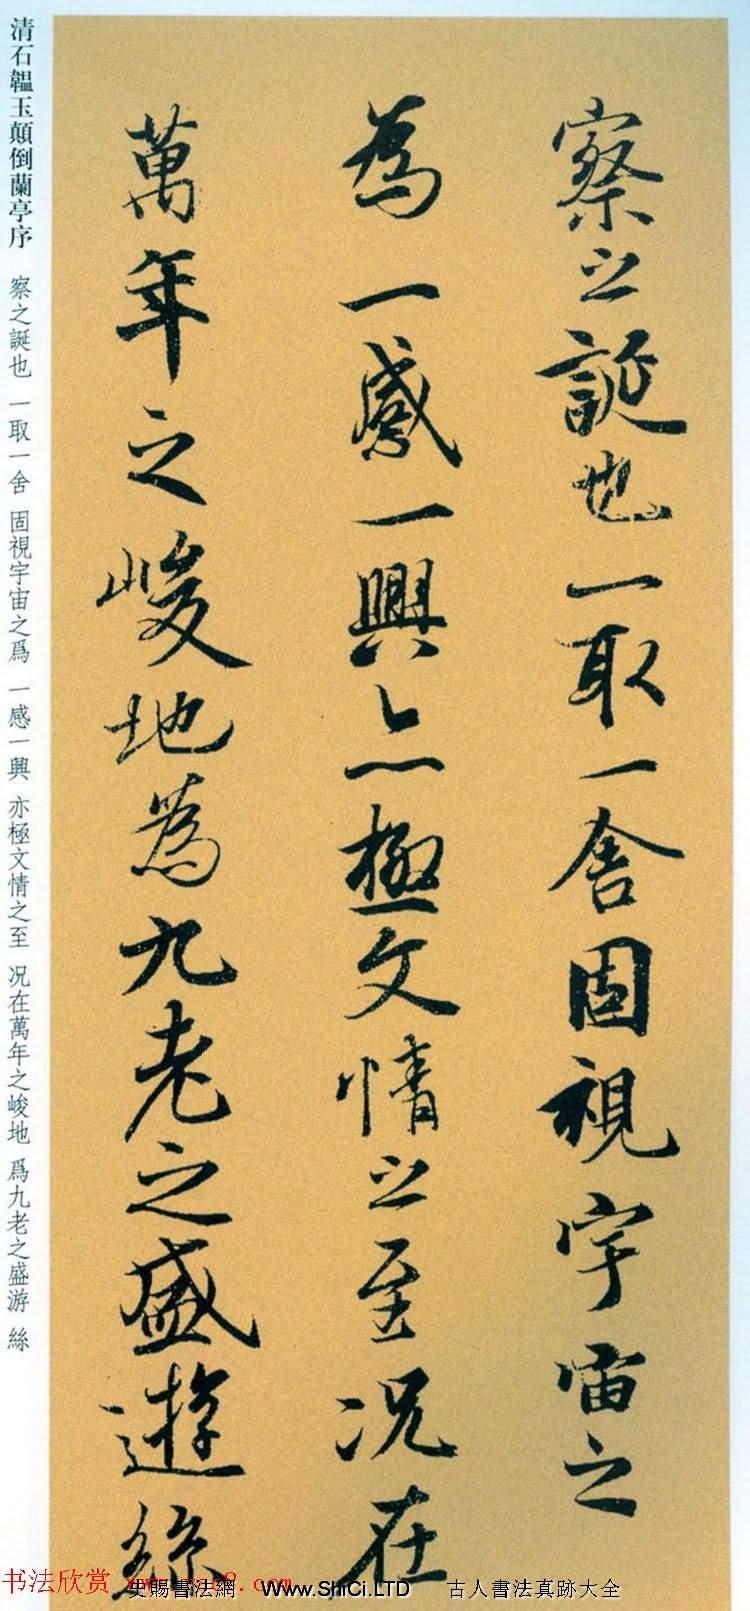 清朝狀元石韞玉《顛倒蘭亭序》墨跡本和拓本